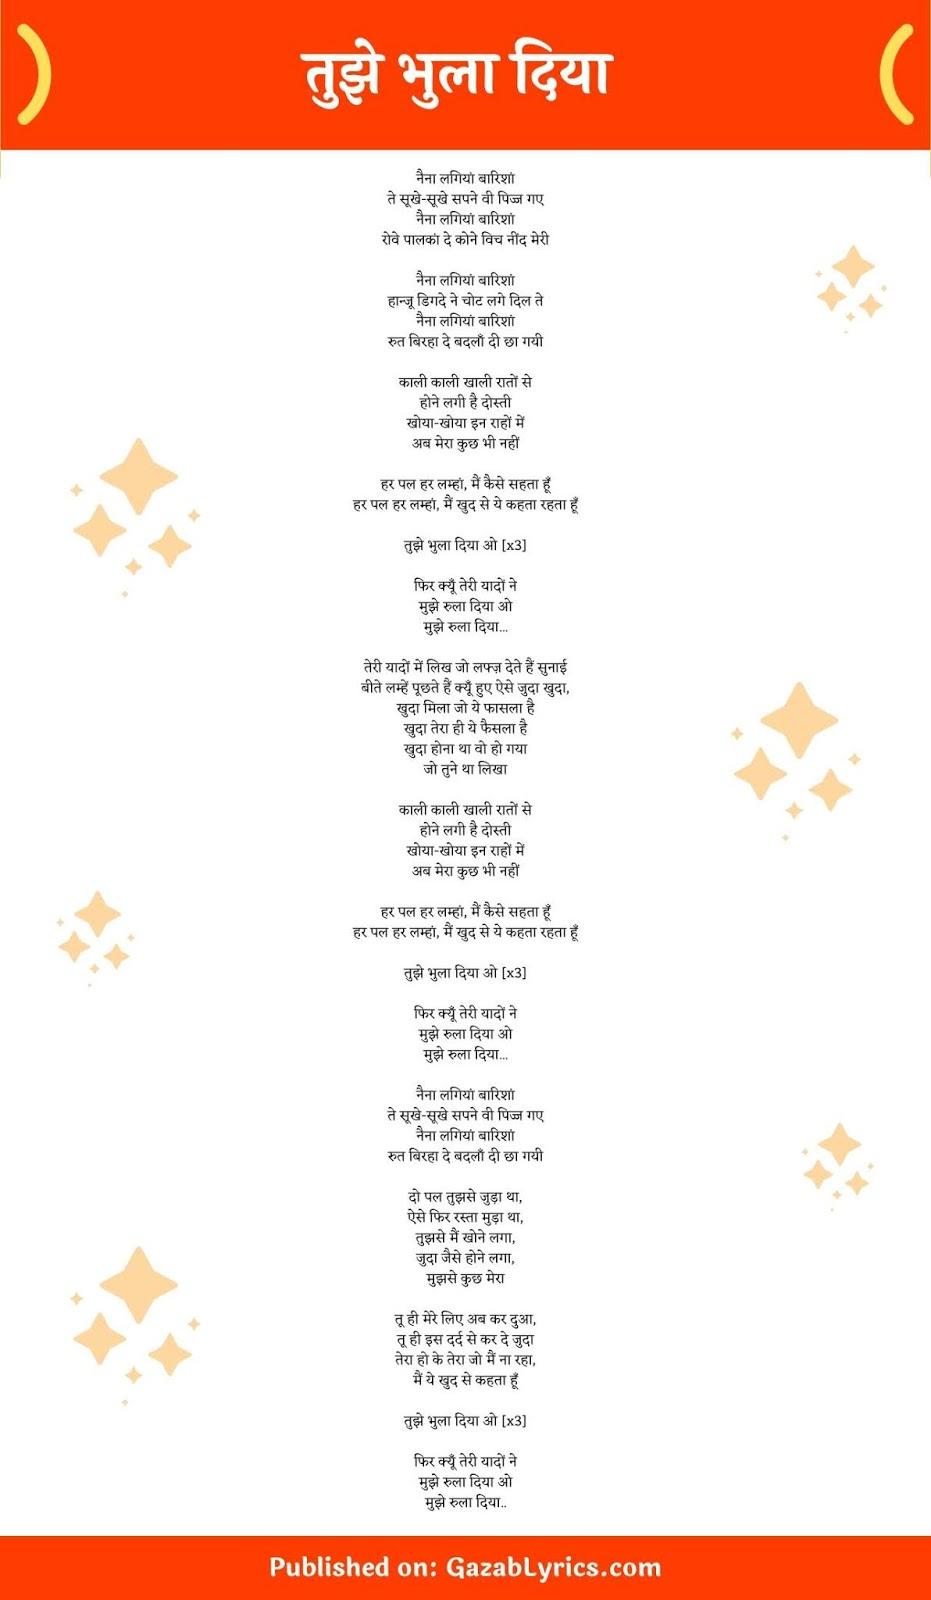 Tujhe Bhula Diya song lyrics image